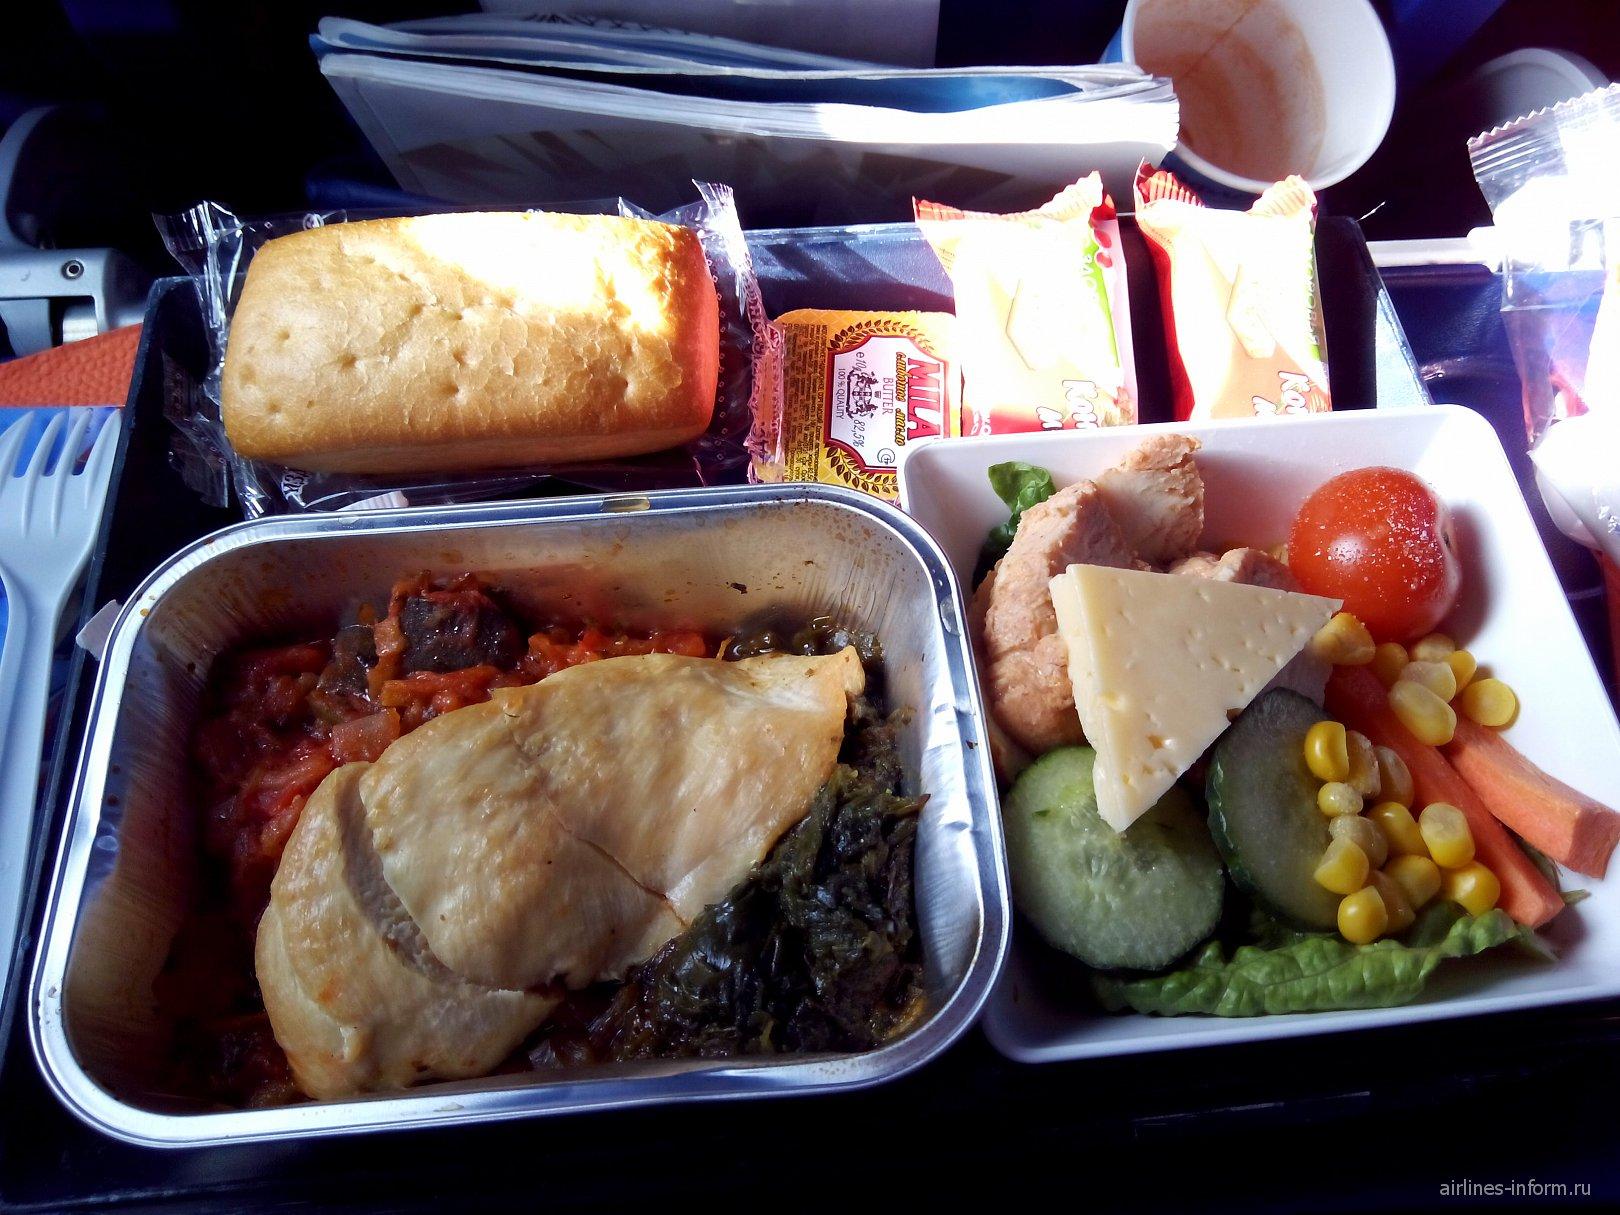 Индуистское невeгетарианское (Хинду) питание Аэрофлота на рейсе Омск-Москва